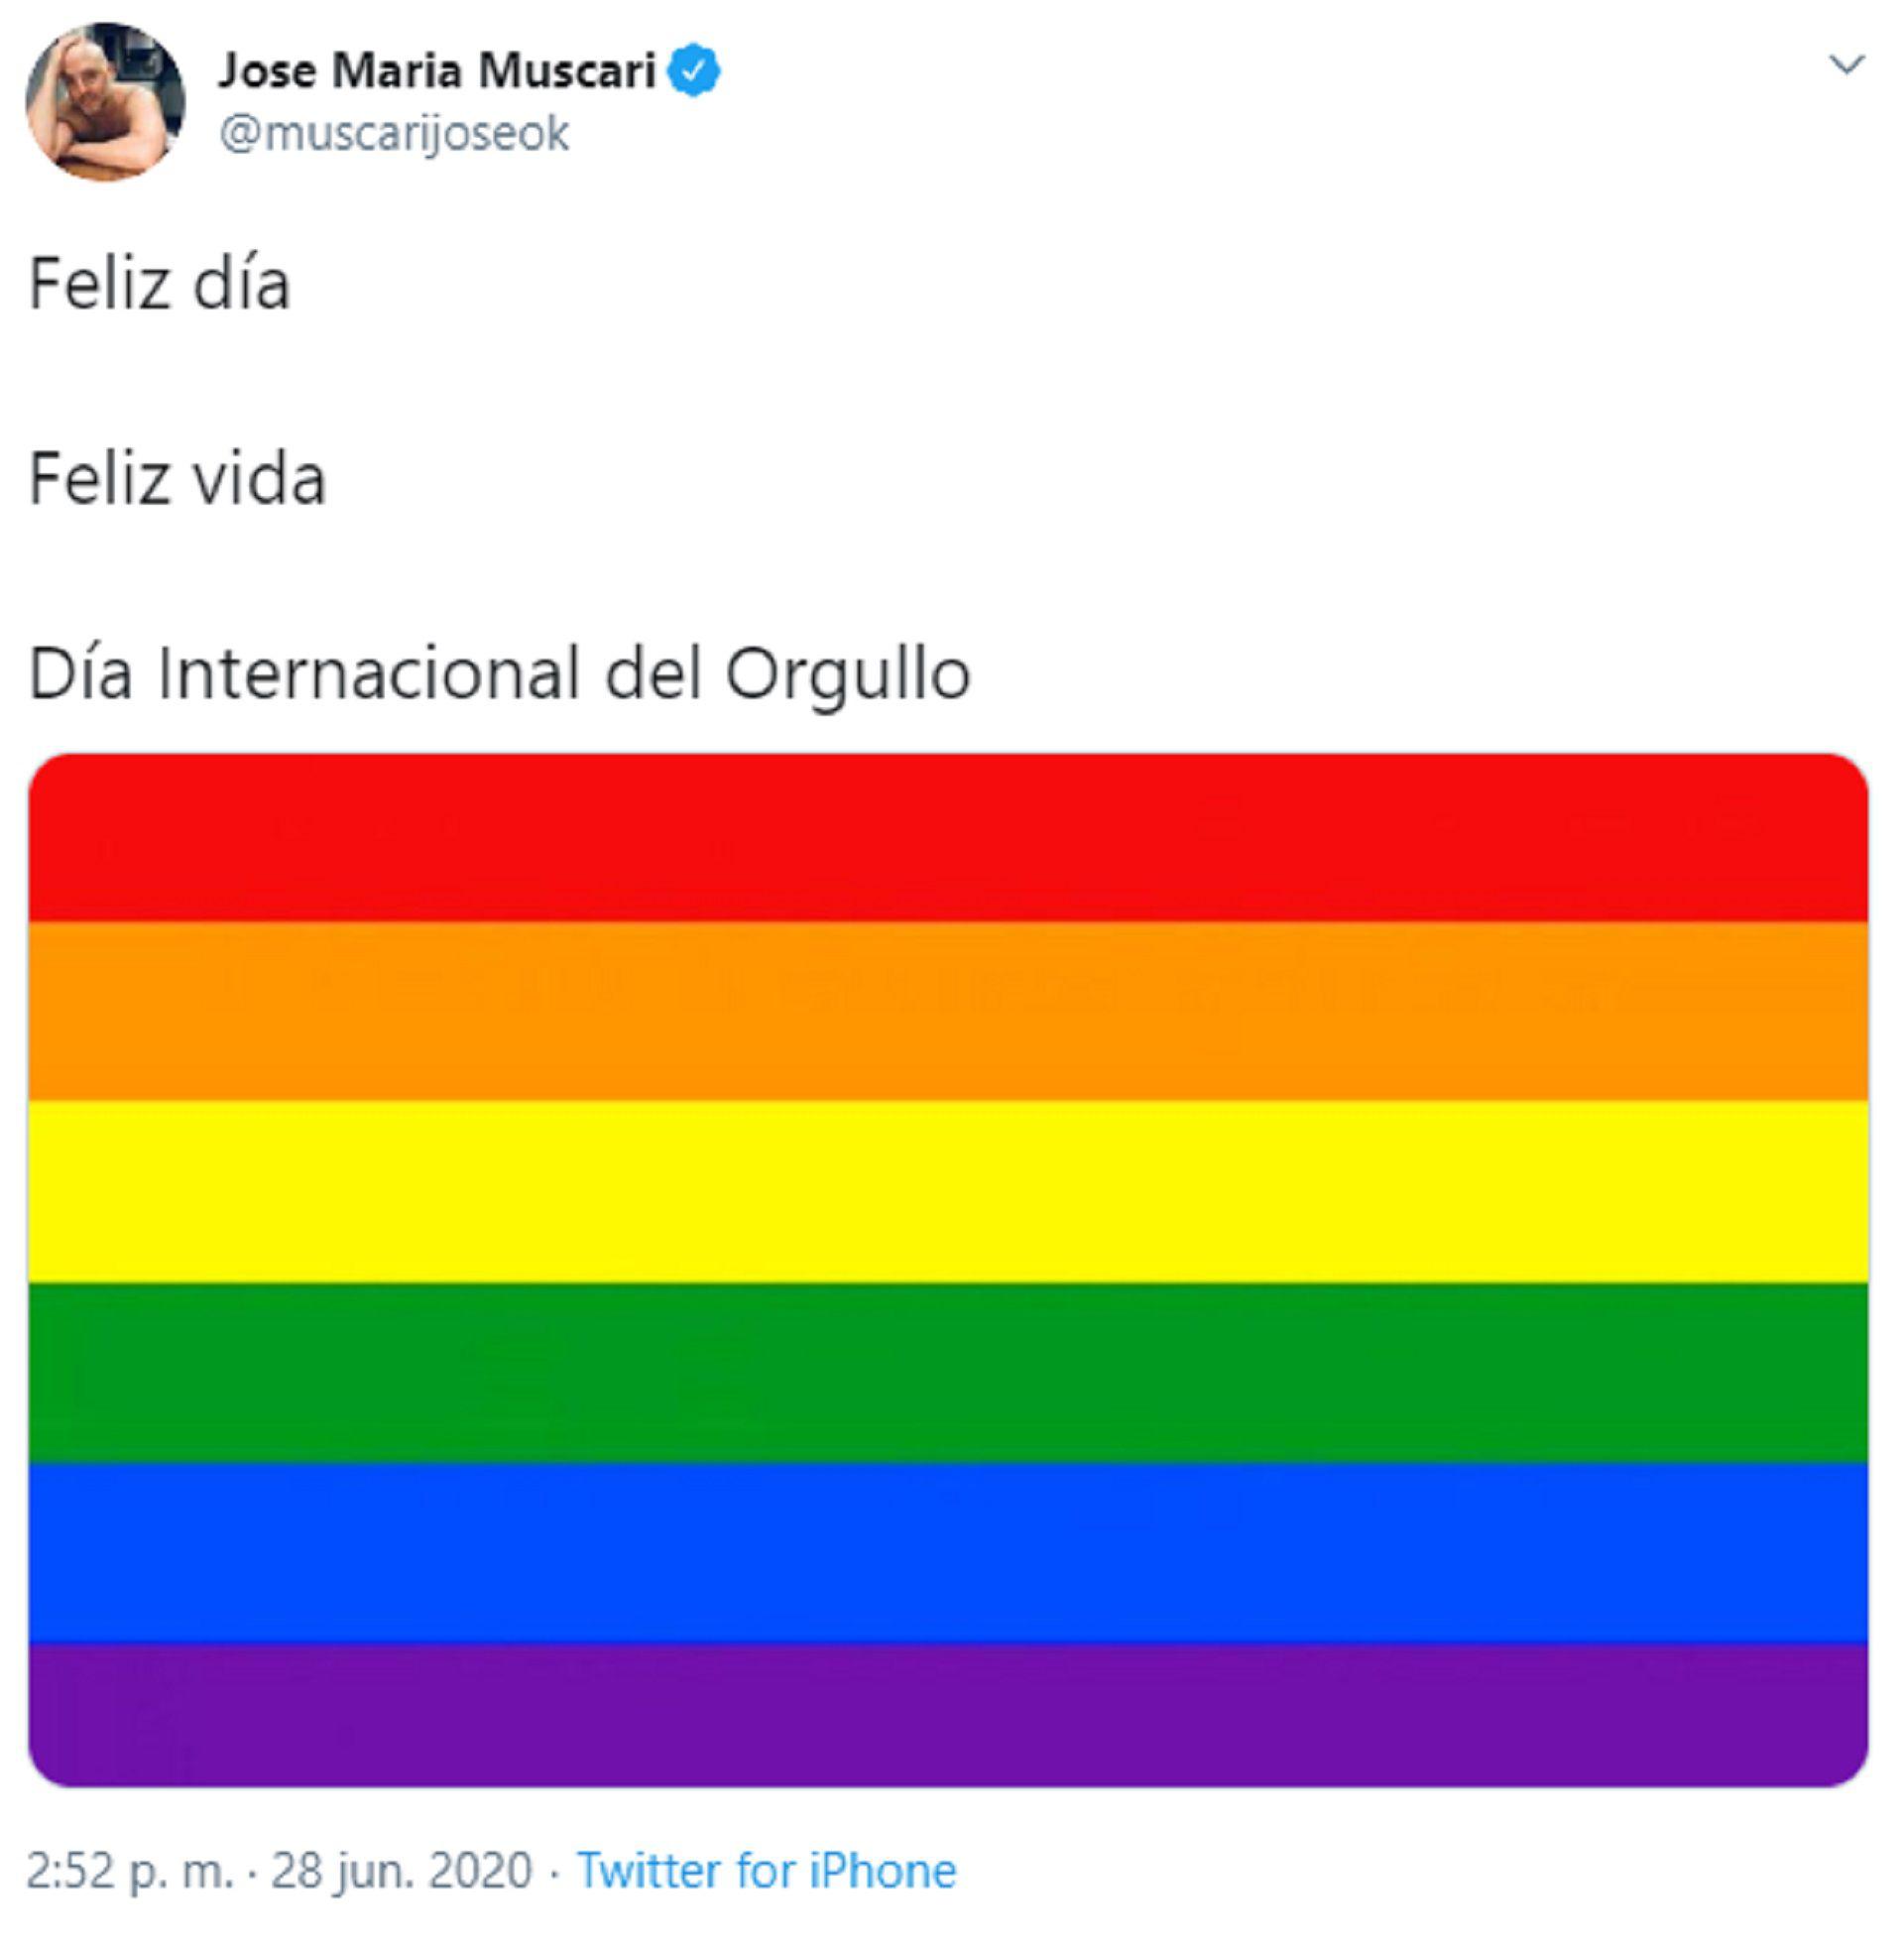 La publicación de José María Muscari